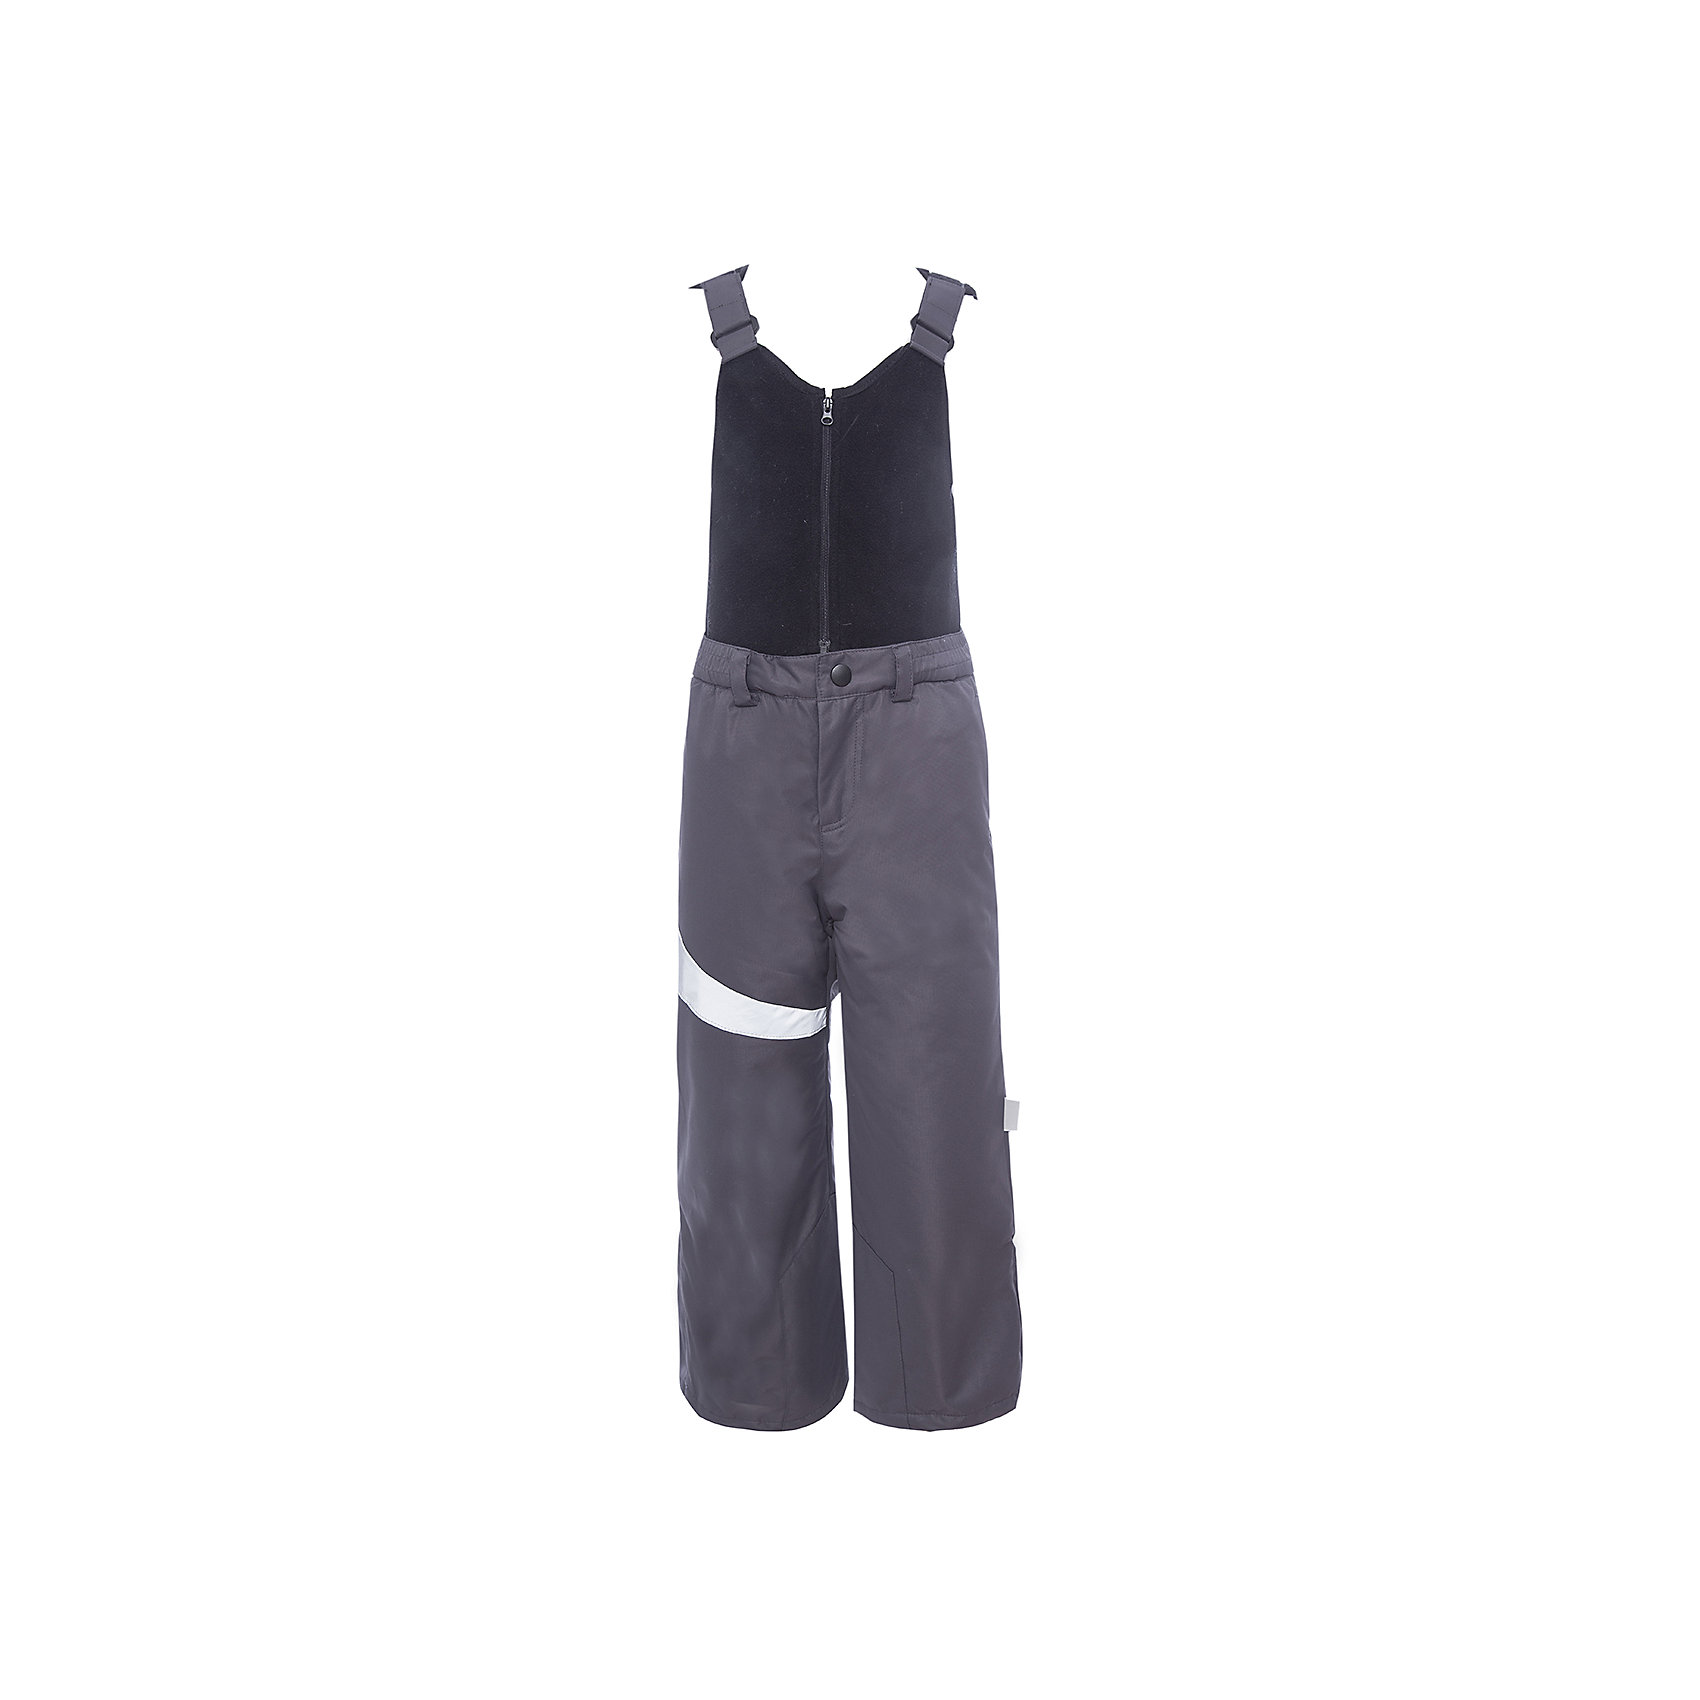 Полукомбинезон BOOM by Orby для мальчикаВерхняя одежда<br>Характеристики товара:<br><br>• цвет: черный<br>• состав ткани: таффета<br>• подкладка: полиэстер пуходержащий<br>• утеплитель: эко синтепон<br>• сезон: зима<br>• мембранное покрытие<br>• температурный режим: от 0 до -30С<br>• водонепроницаемость: 3000 мм <br>• паропроницаемость: 3000 г/м2<br>• плотность утеплителя: 200 г/м2<br>• застежка: молния<br>• страна бренда: Россия<br>• страна изготовитель: Россия<br><br>Мембранный полукомбинезон для мальчика поможет защитить ребенка от холода. Детский зимний полукомбинезон дополнен удобными лямками. Практичный детский полукомбинезон отлично подойдет для зимних холодов - в этом полукомбинезоне для ребенка хороший утеплитель. <br><br>Полукомбинезон для мальчика BOOM by Orby (Бум бай Орби) можно купить в нашем интернет-магазине.<br><br>Ширина мм: 215<br>Глубина мм: 88<br>Высота мм: 191<br>Вес г: 336<br>Цвет: серый<br>Возраст от месяцев: 24<br>Возраст до месяцев: 36<br>Пол: Мужской<br>Возраст: Детский<br>Размер: 98,146,152,158,164,170,86,92,104,110,116,122,128,134,140<br>SKU: 7090993